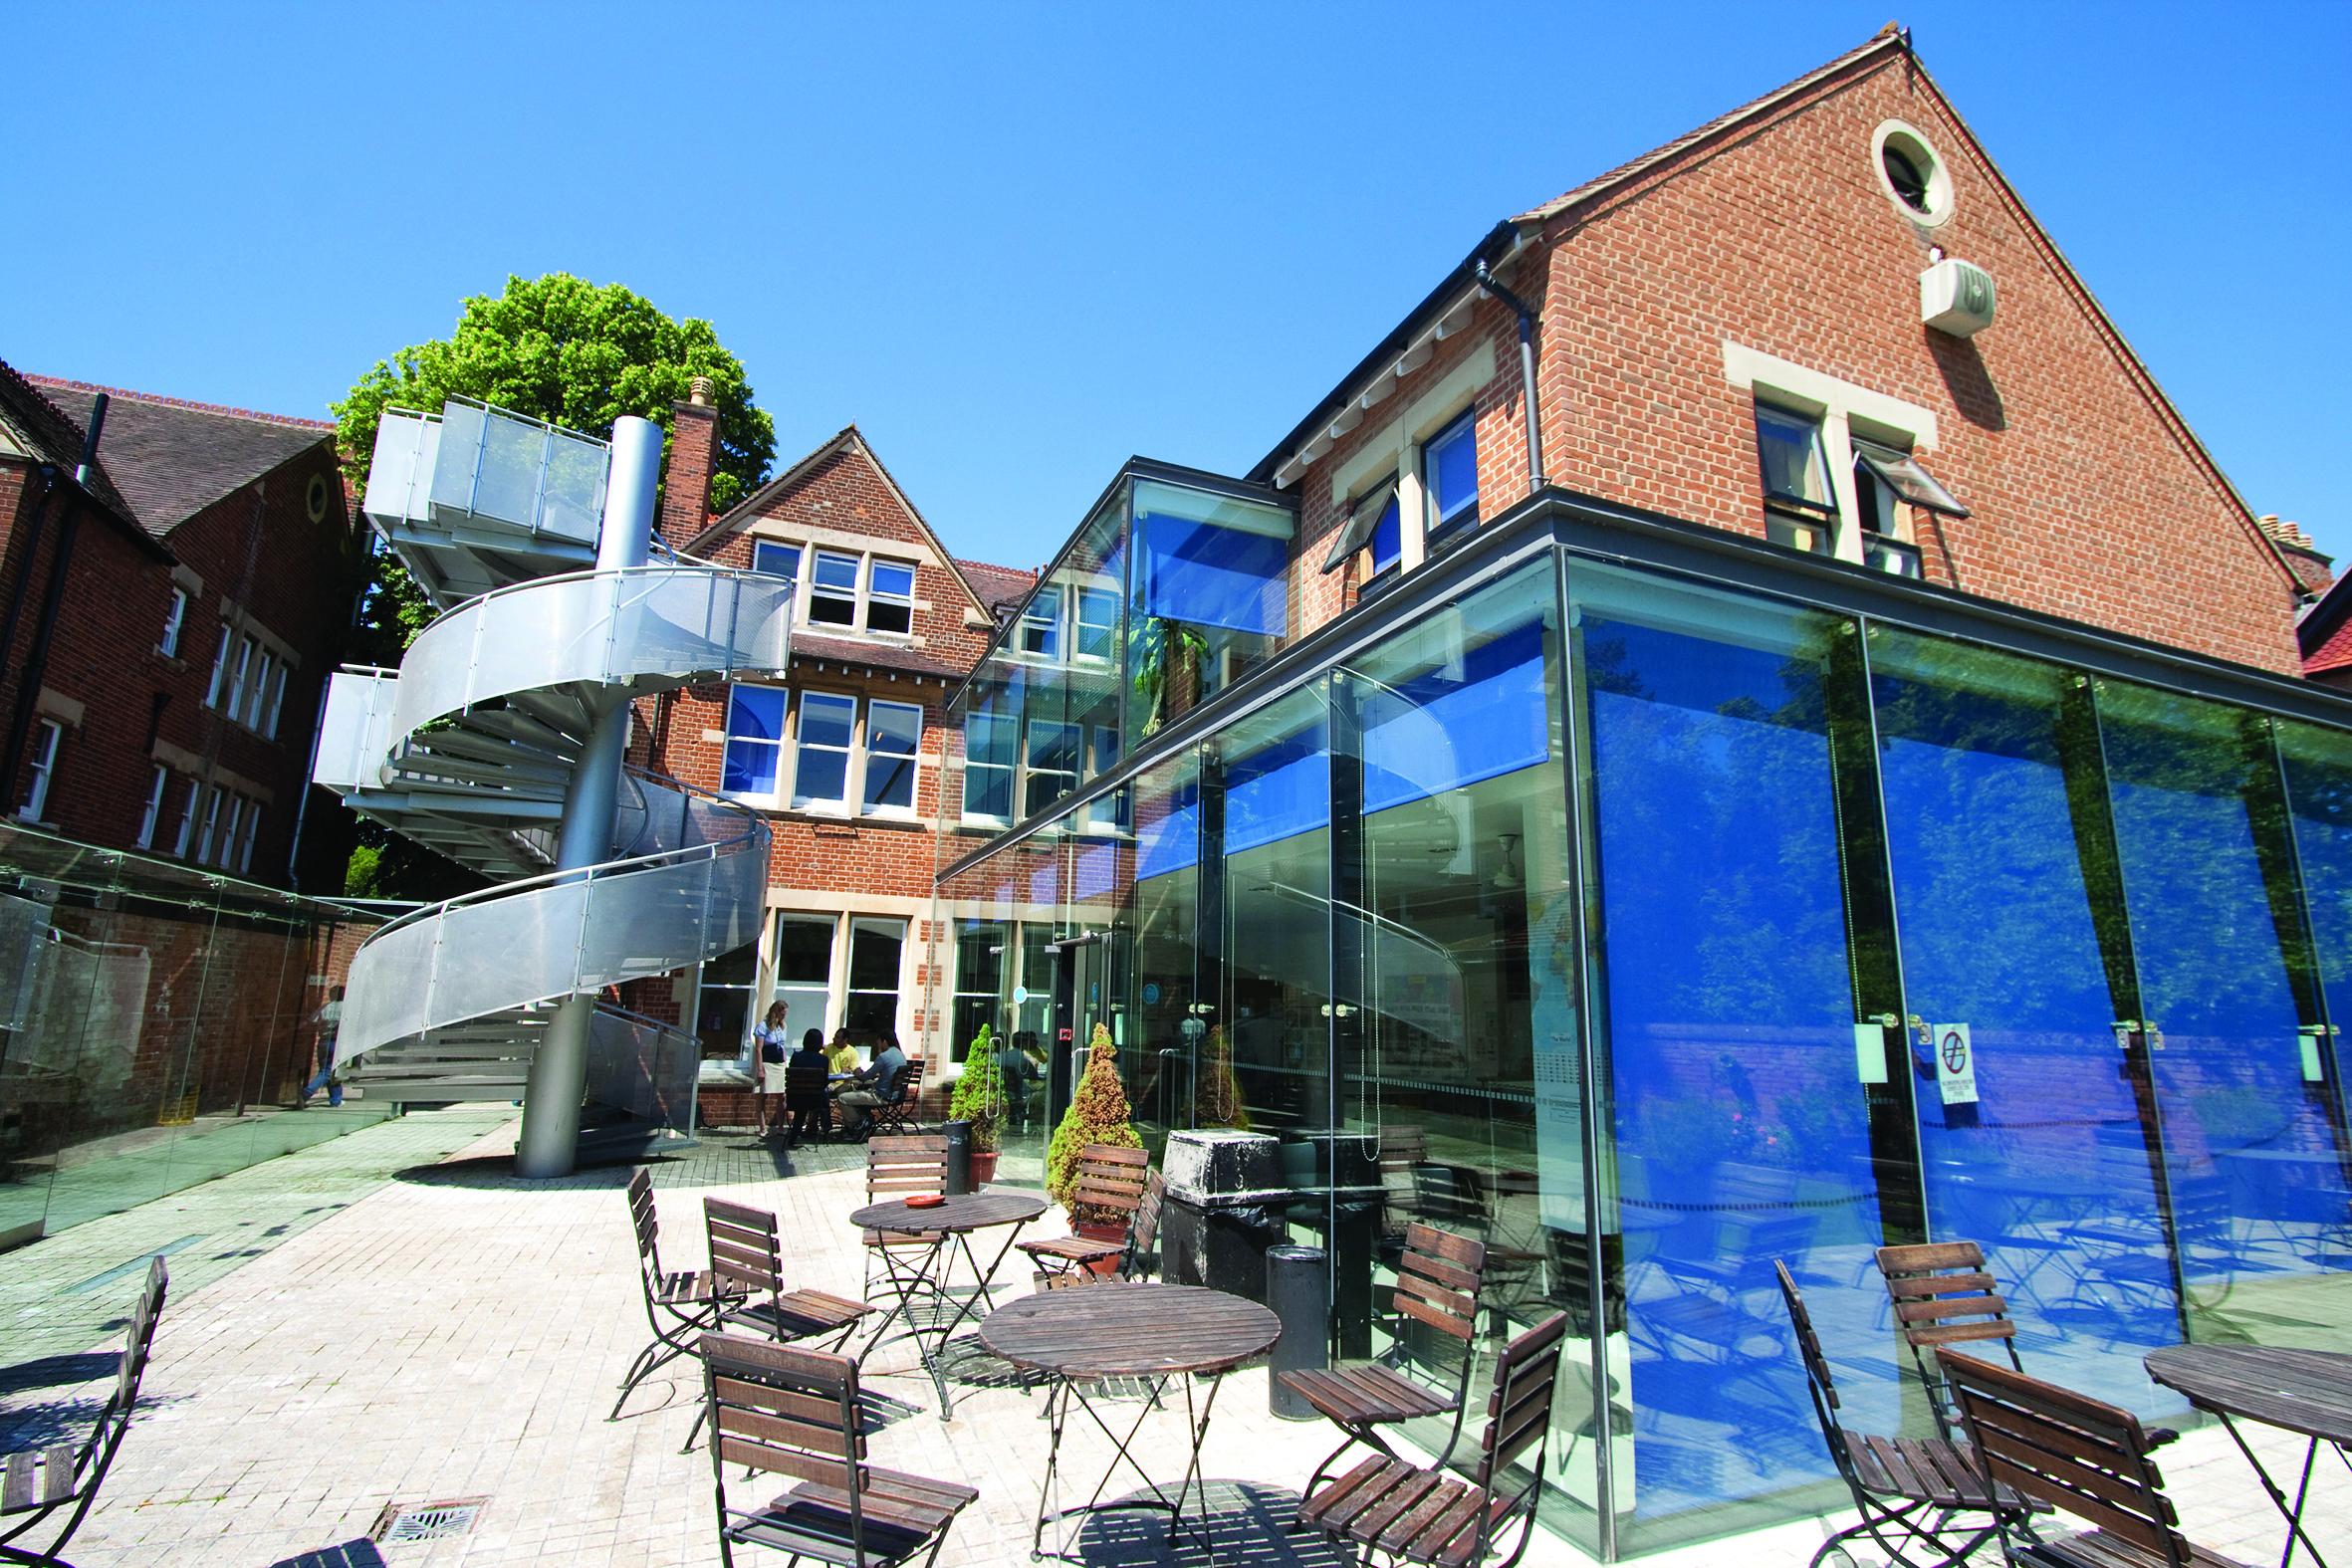 Szkoła językowa w Oksfordzie – Kaplan